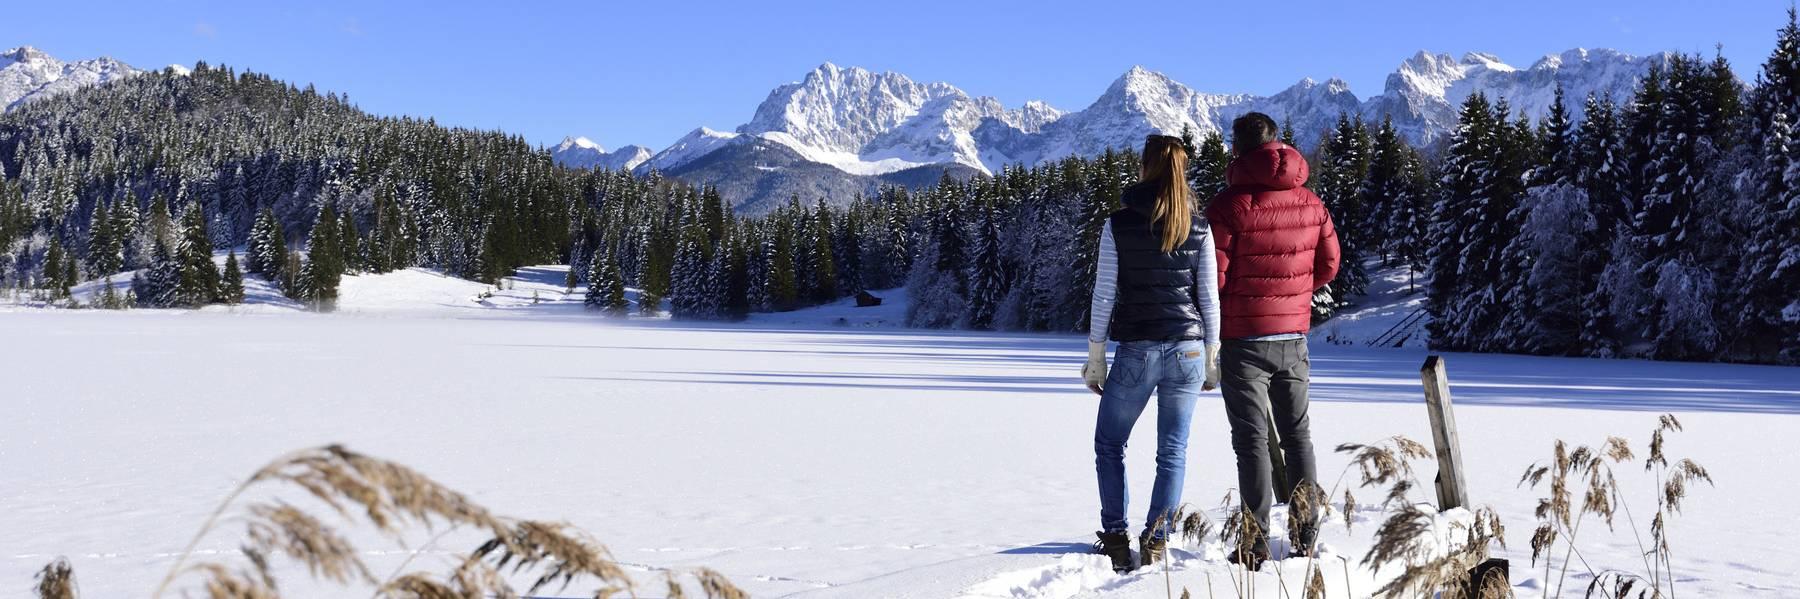 Winterwandern im Karwendel